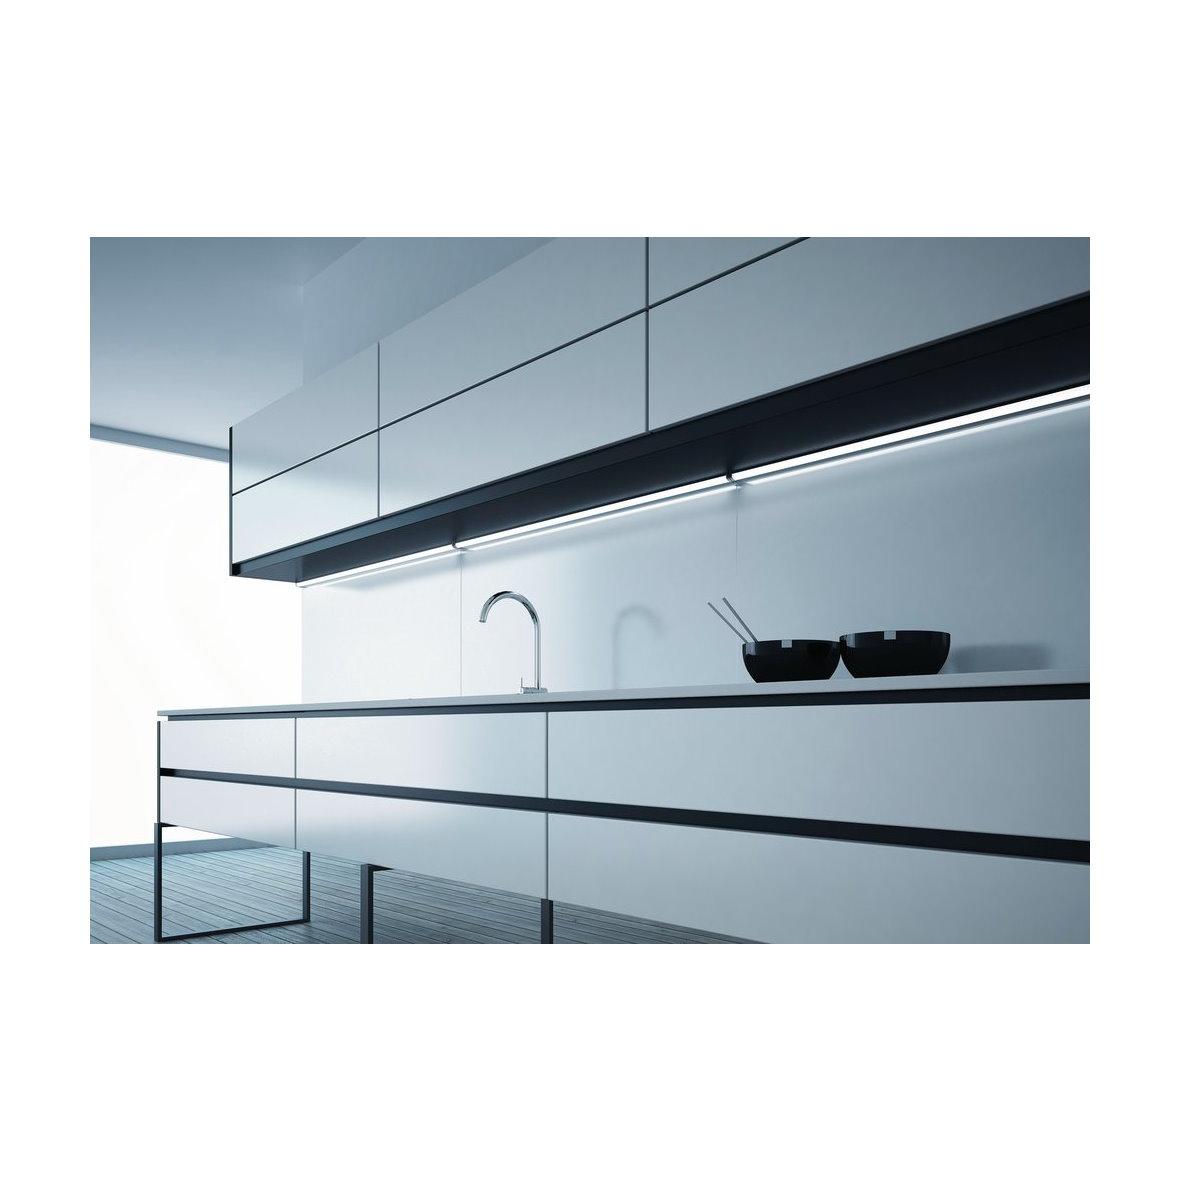 domusline led k chenleuchte unterbau leuchte touch dimmer lichtleiste leiste alu ebay. Black Bedroom Furniture Sets. Home Design Ideas